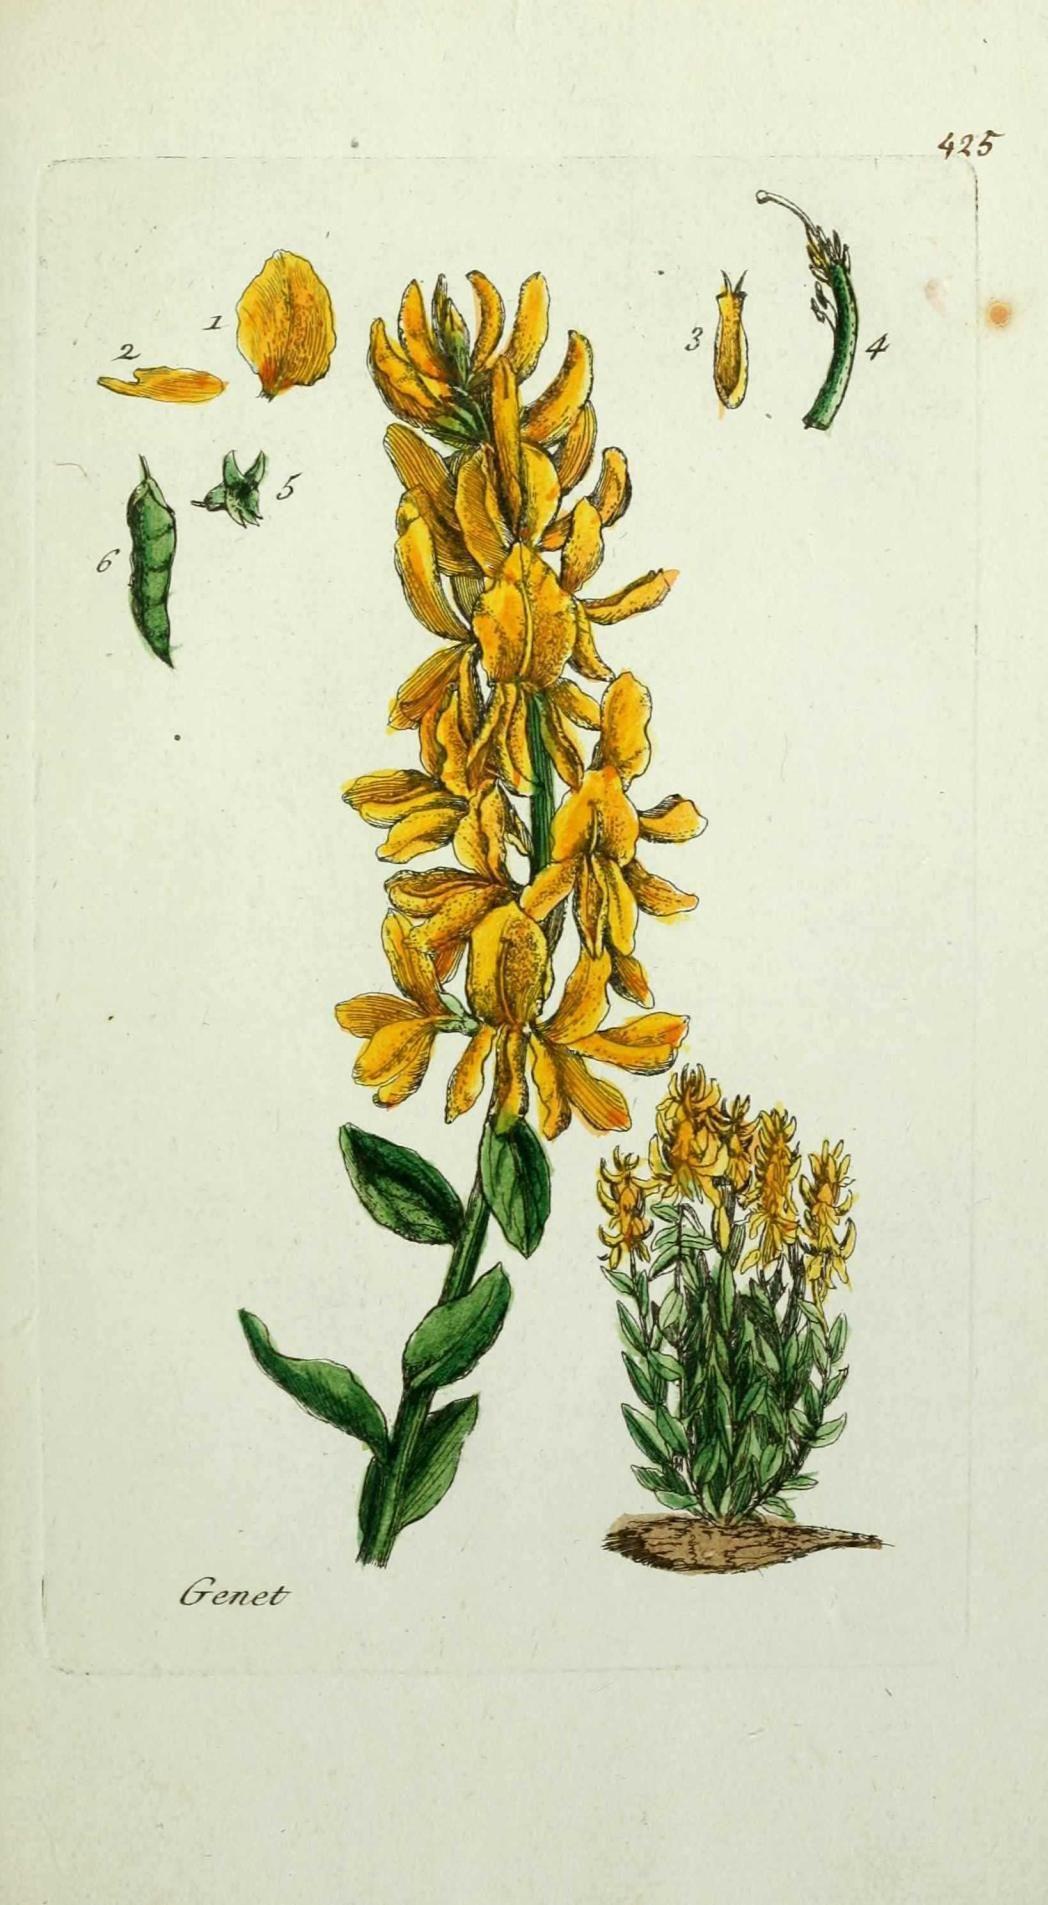 flore de paris : genet - genista tinctoria ( genestrole, bonnet de cocu ).jpg